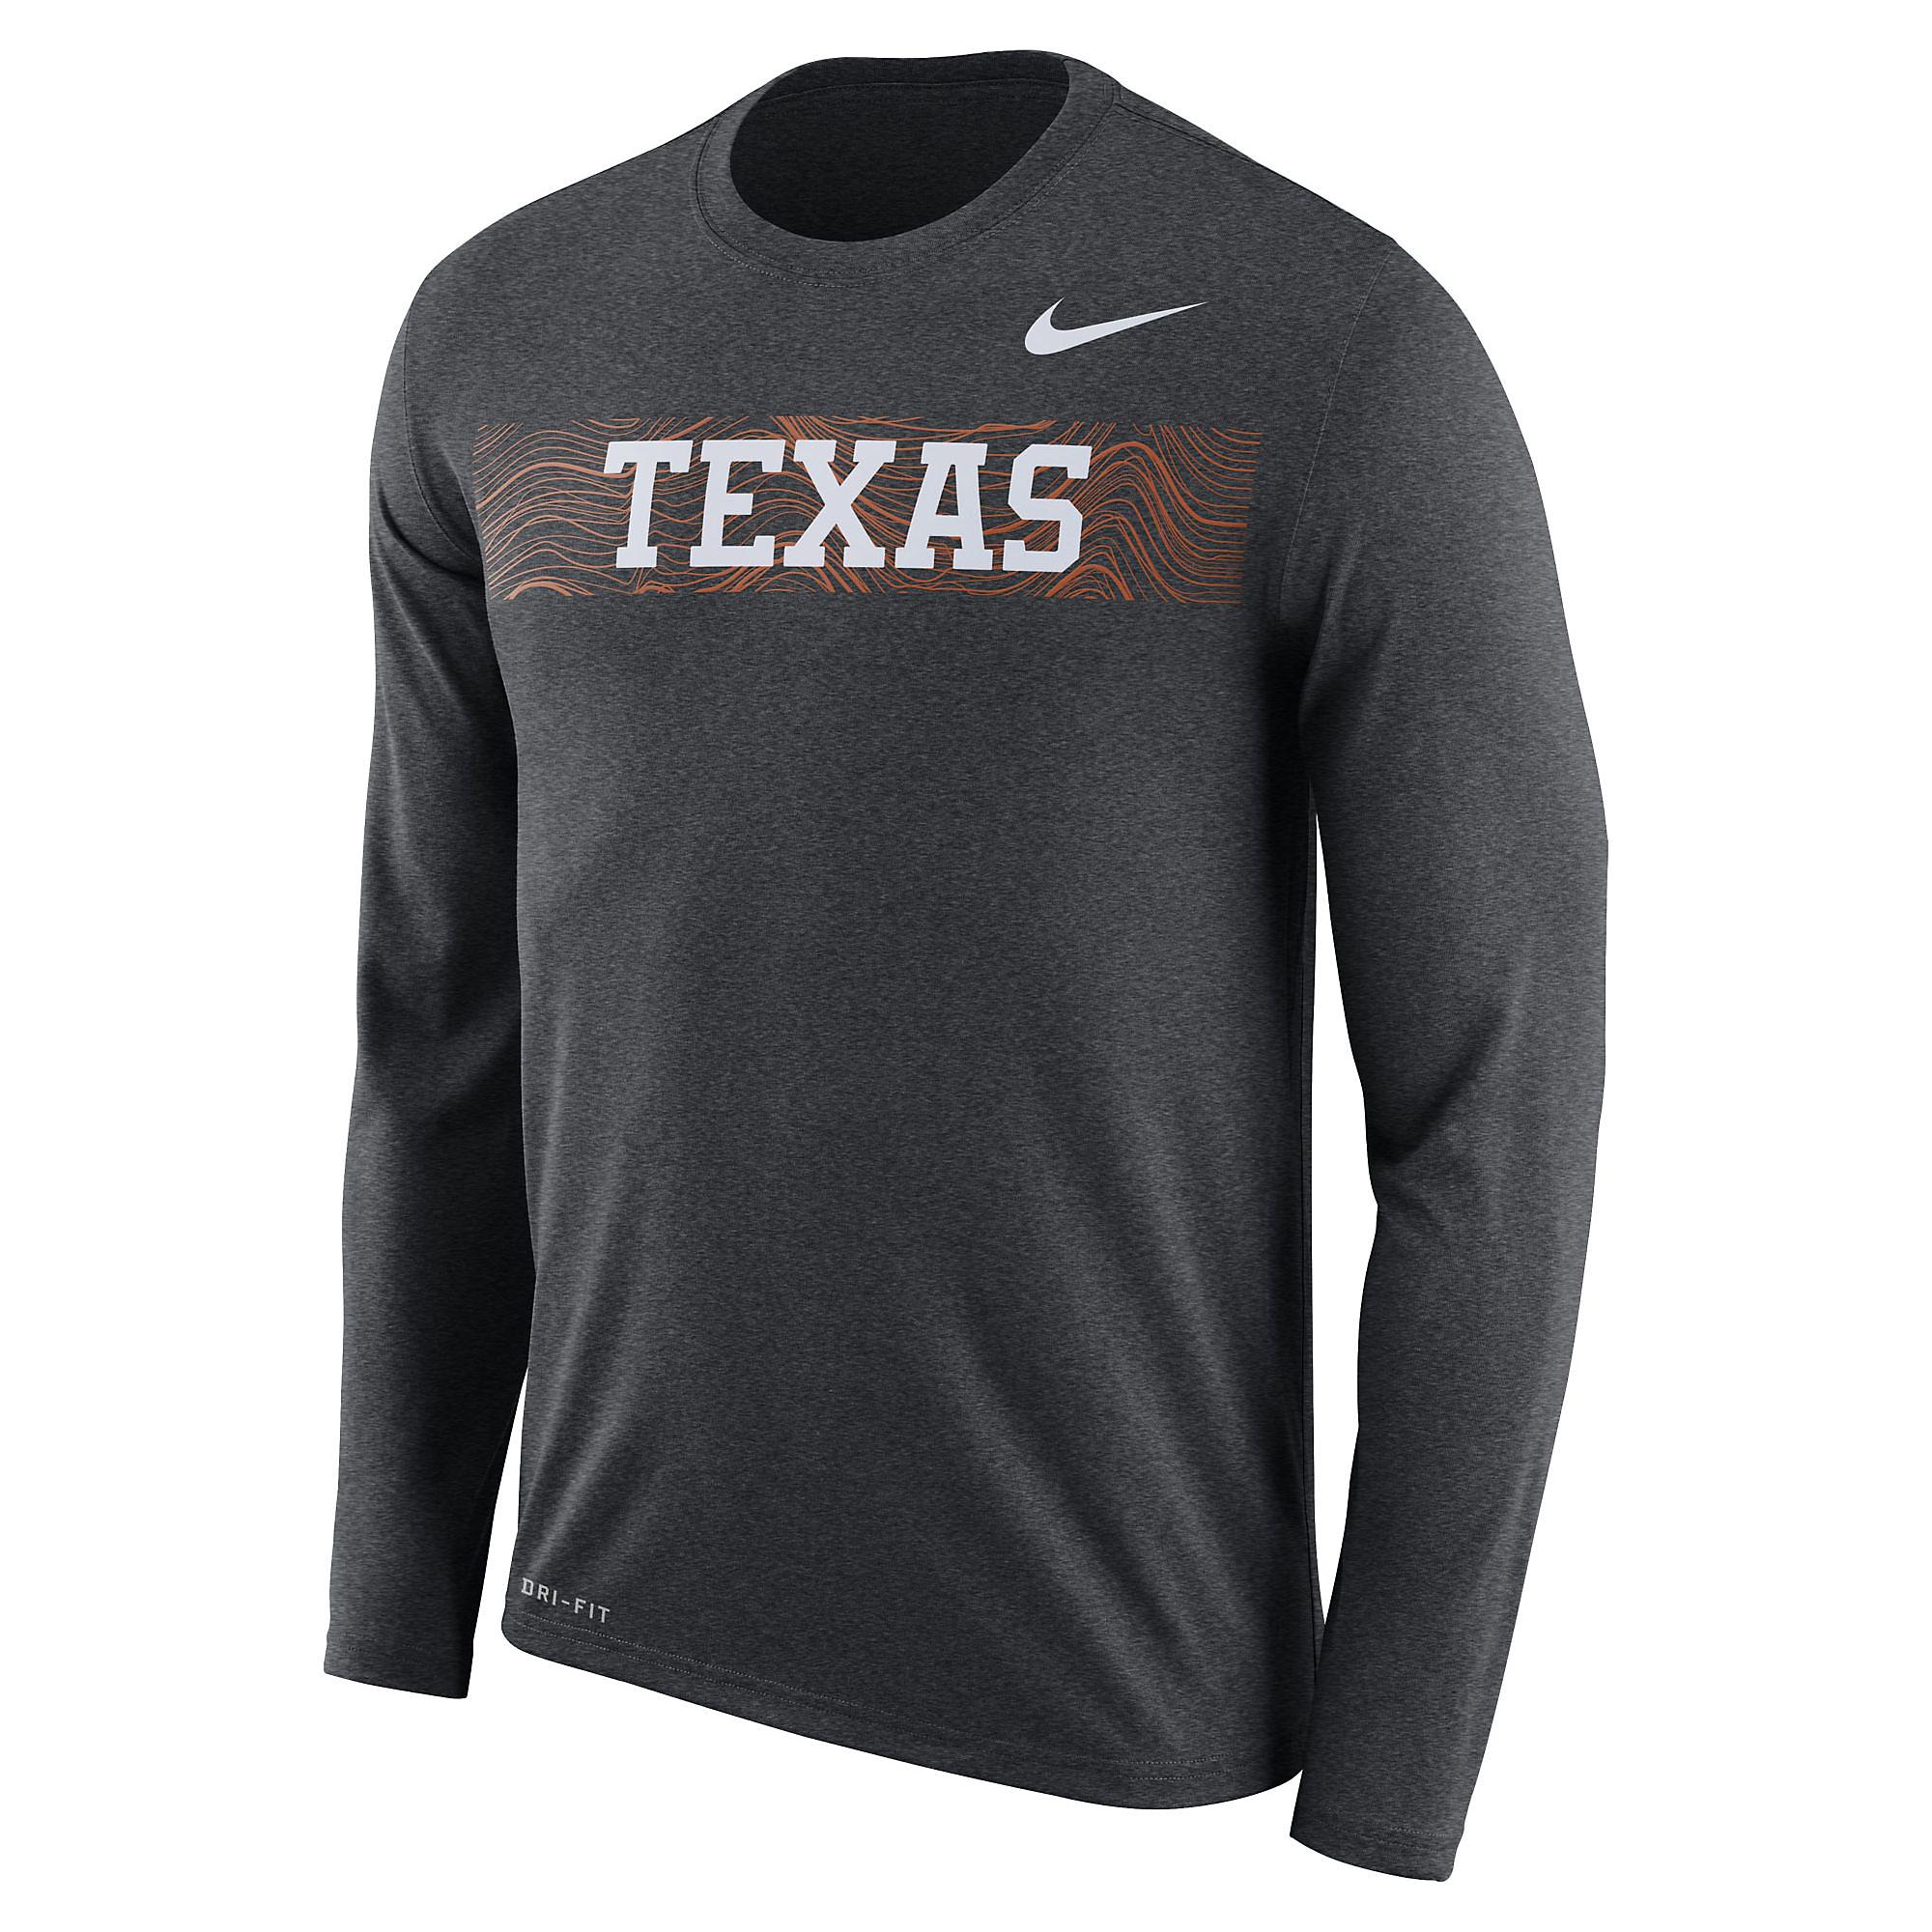 Texas Longhorns Nike Legend Long Sleeve Tee